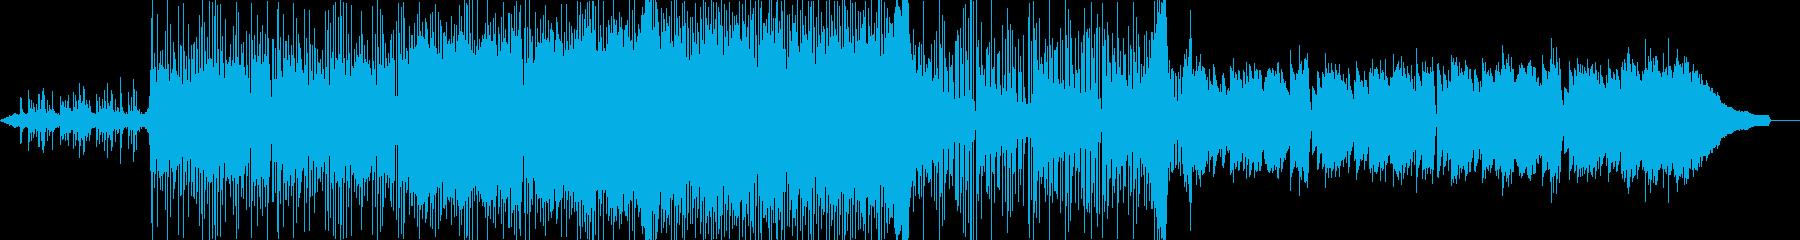 壮大な歴史を彷彿させる民族楽器を使った曲の再生済みの波形